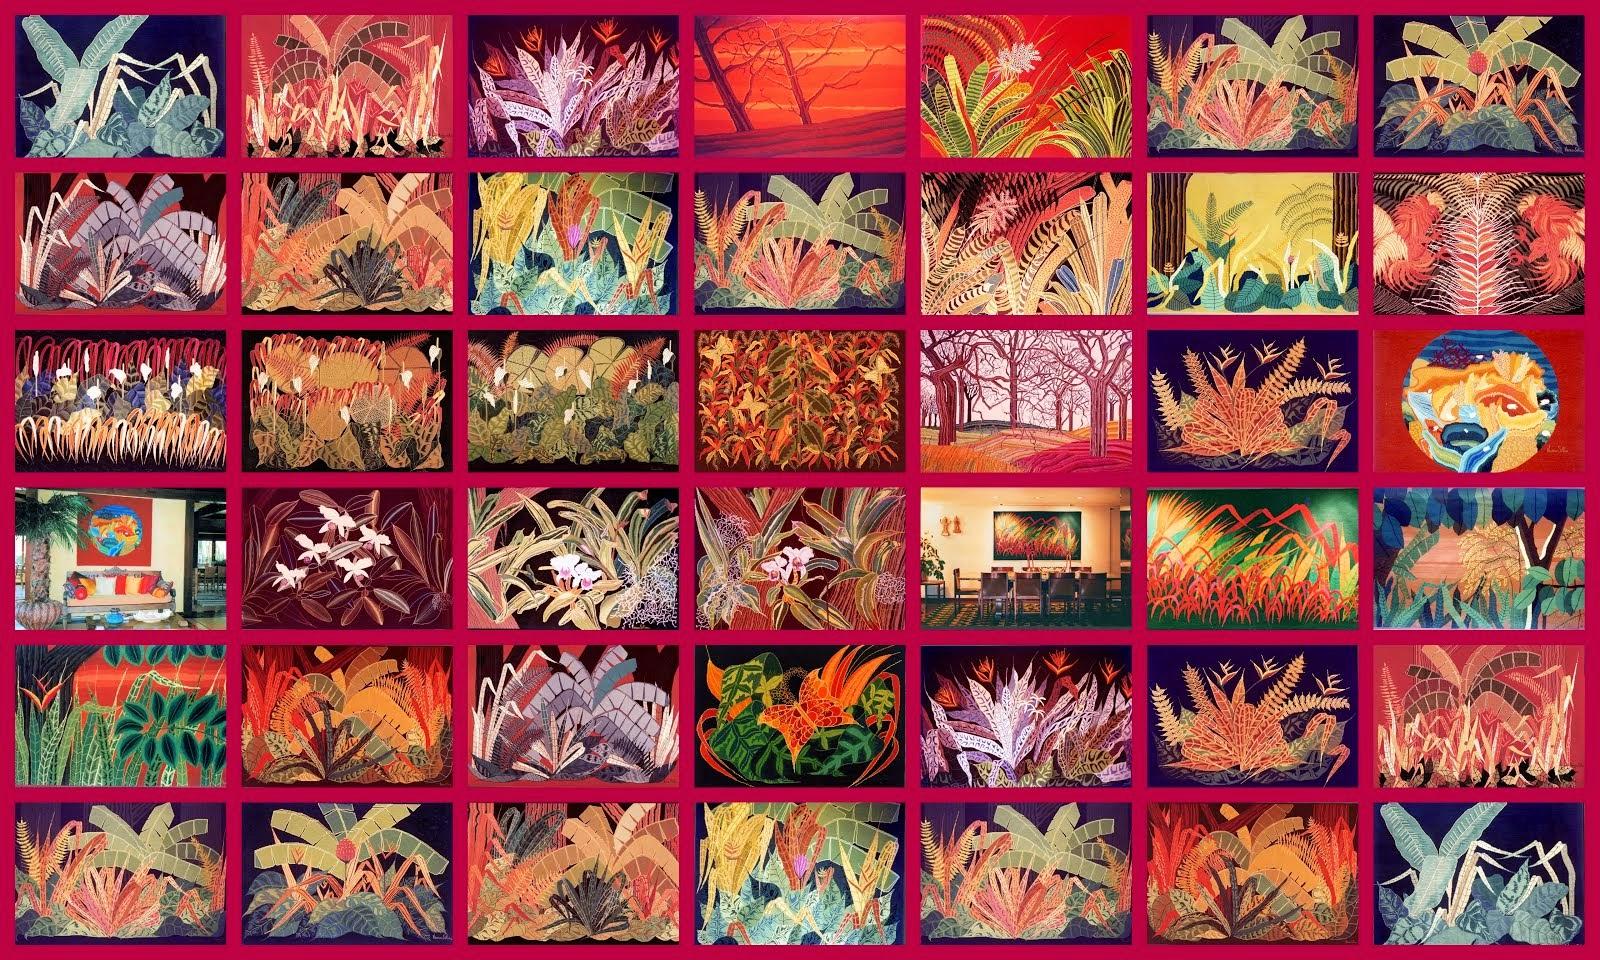 Tapestry and Fiberart by Vivian Silva.